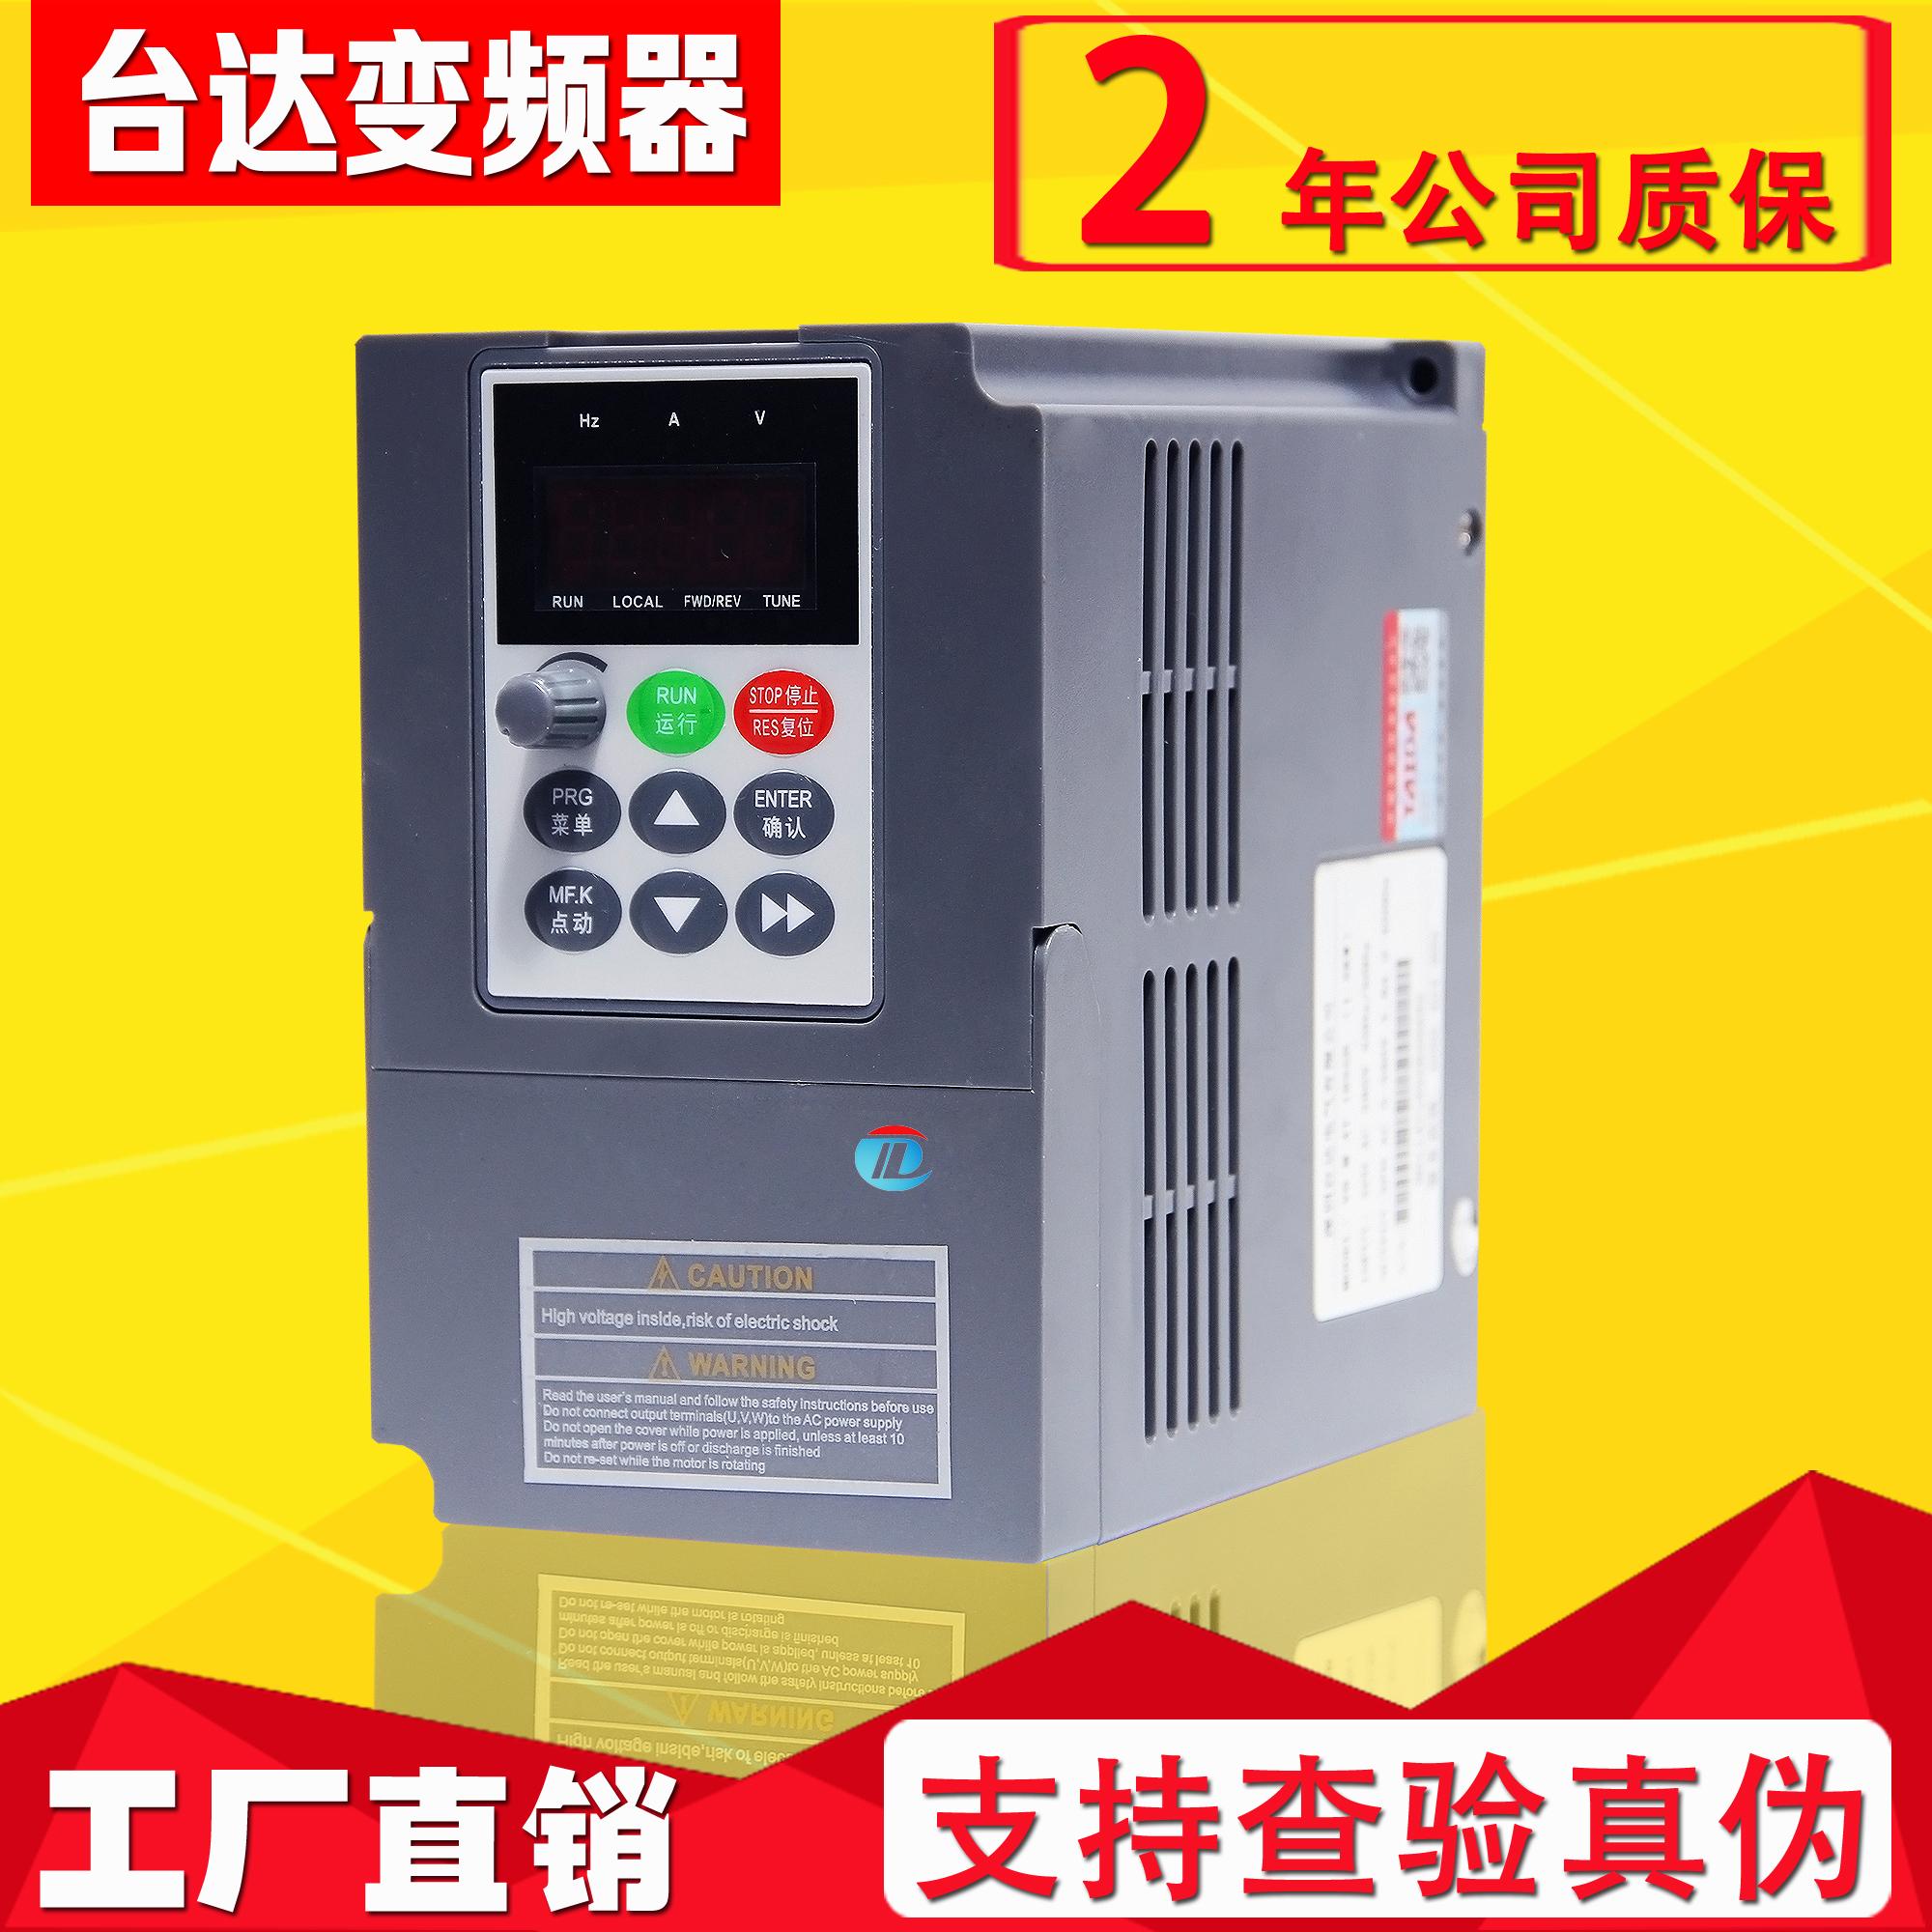 Шэньчжэнь тайвань достигать 1.5KW преобразование частот устройство 2.2KW преобразование частот устройство 4KW преобразование частот устройство 5.5KW преобразование частот устройство 7.5KW 380V